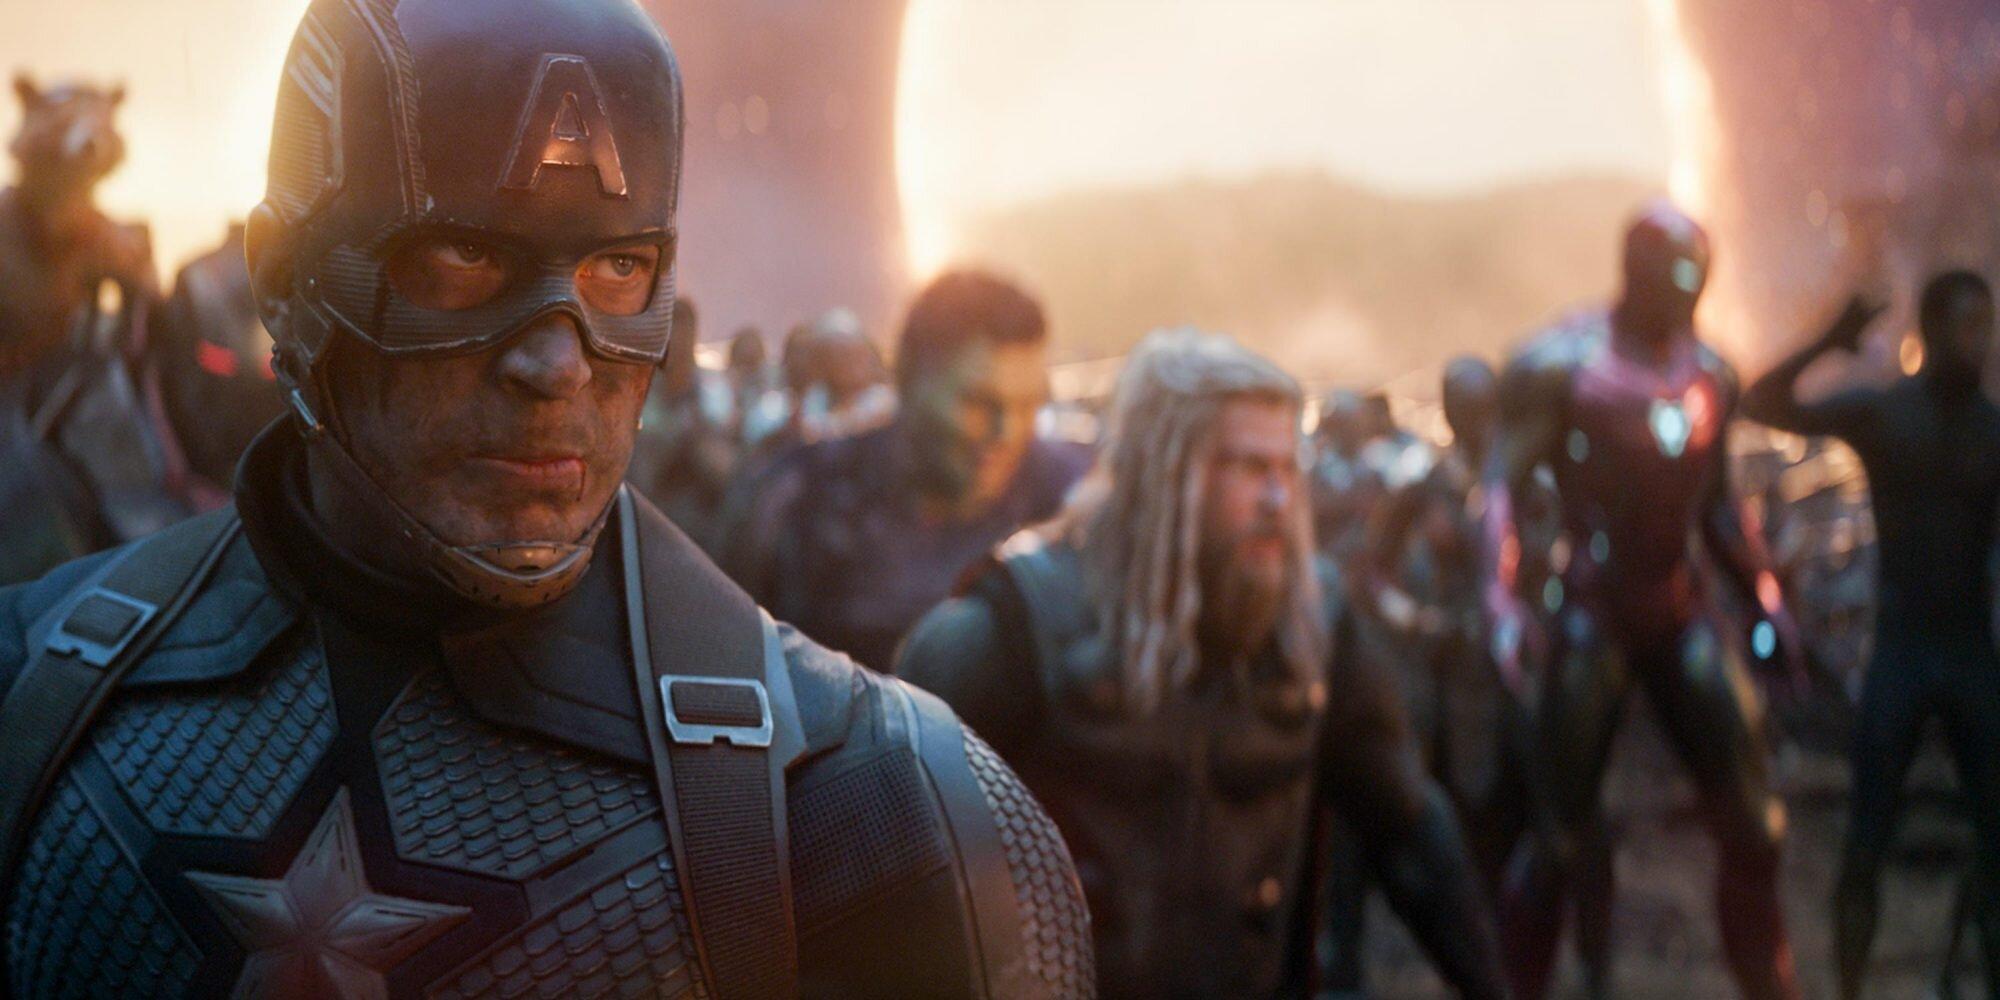 Avengers: Endgame | Highest Grossing Film 2019 | Popcorn Banter